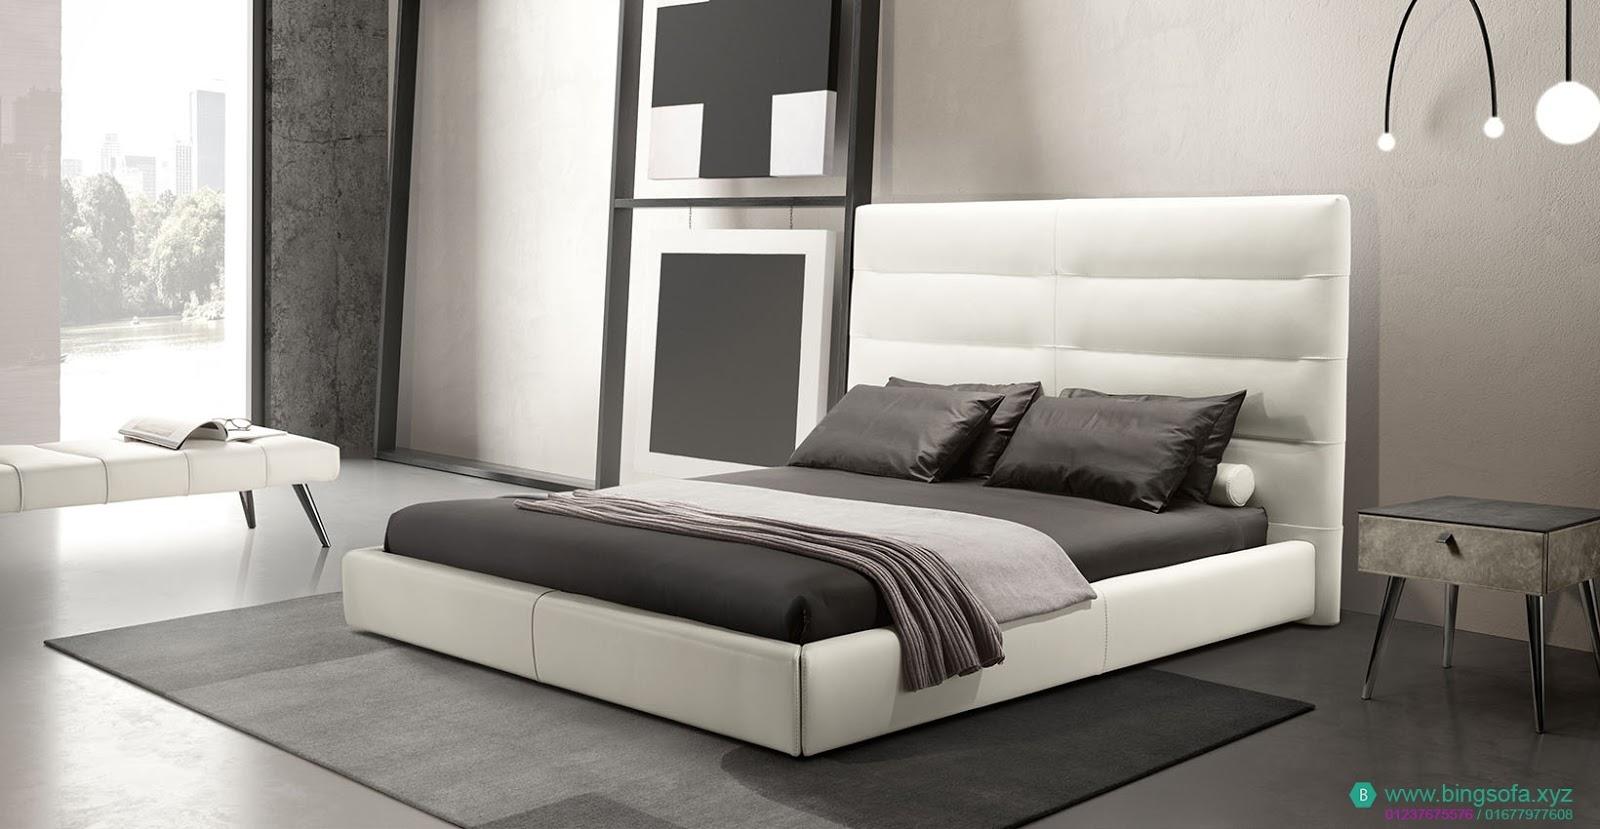 Giường ngủ bọc da cao cấp GN27